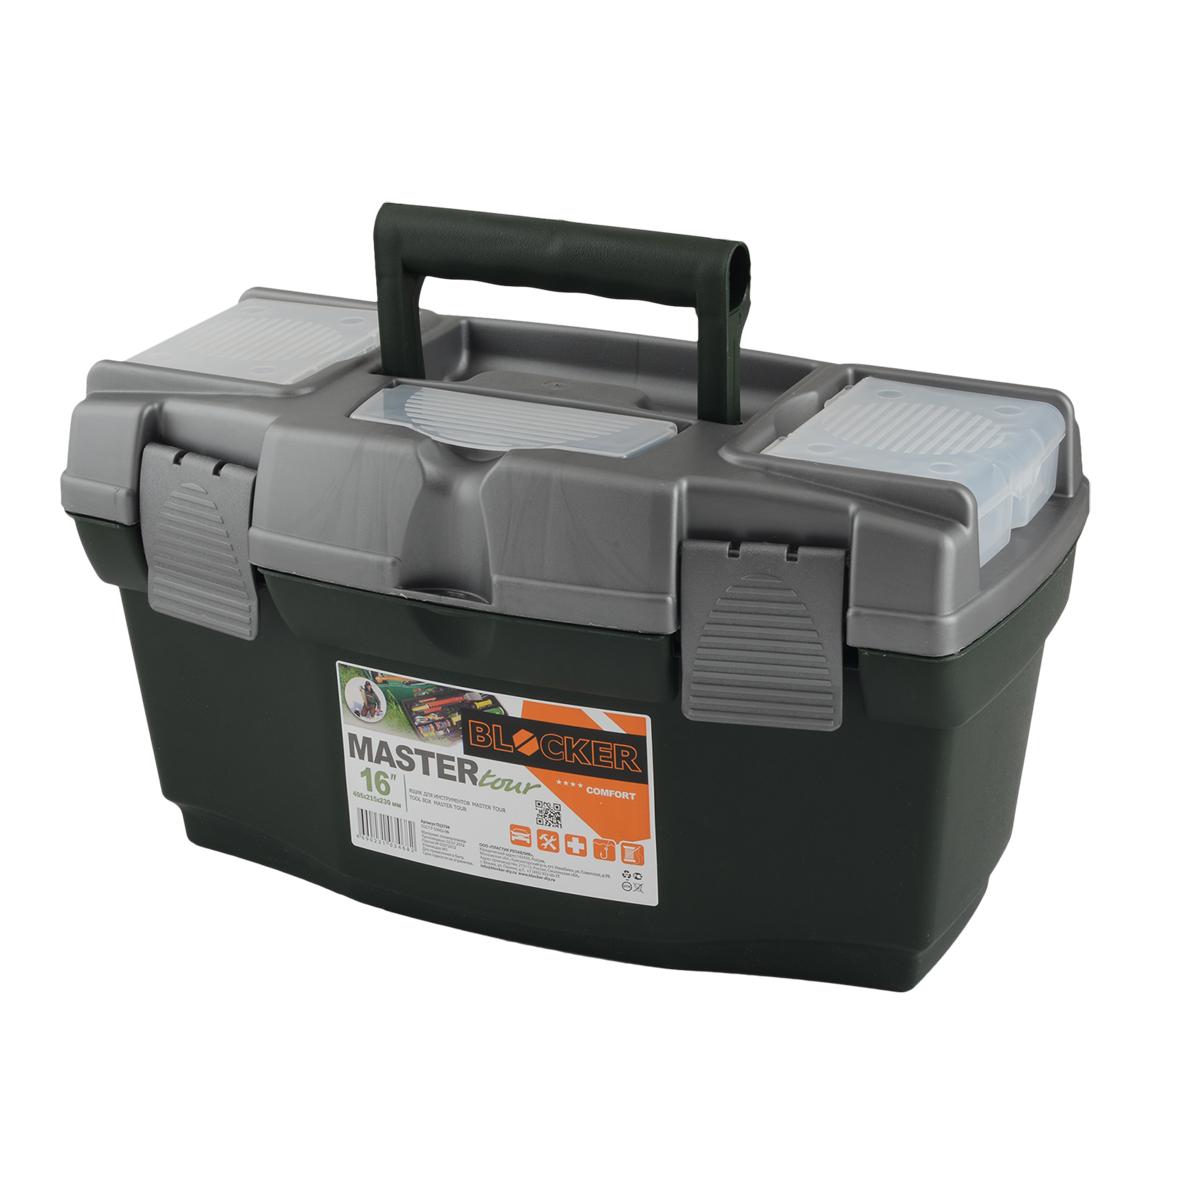 Ящик для инструментов Blocker Master Tour, цвет: темно-зеленый, 405 х 215 х 230 мм98295719Многофункциональный ящик Blocker Master Tour отлично подходит для хранения небольших рыболовных и охотничьих принадлежностей, может быть использован для переноски мангала, посуды и многих вещей, которые могут понадобиться на отдыхе или в путешествии. Ящик имеет надежные замки и встроенные органайзеры в крышке для размещения мелких деталей.